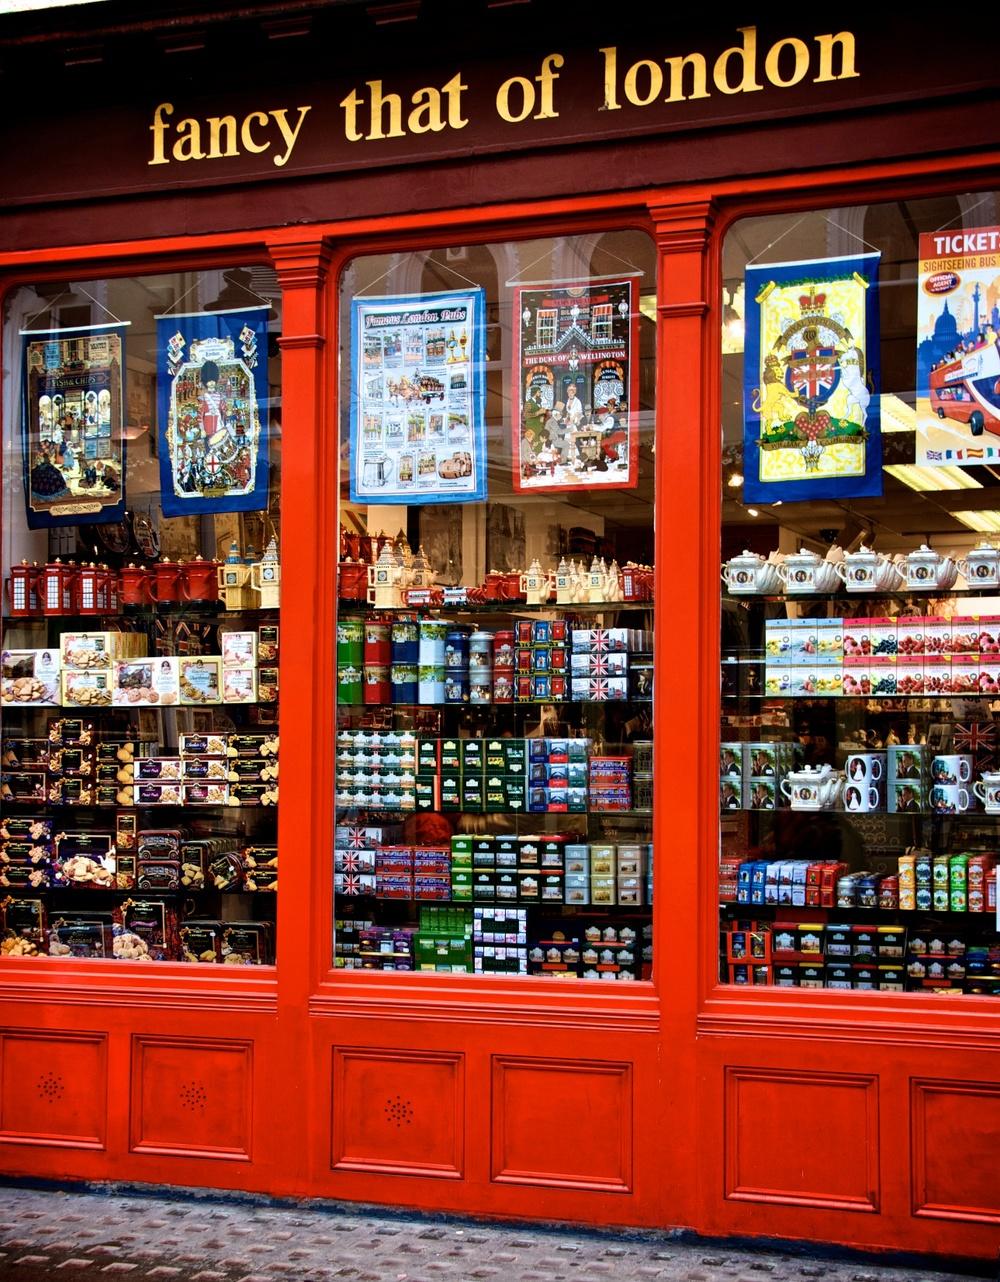 fancy that of london.jpg